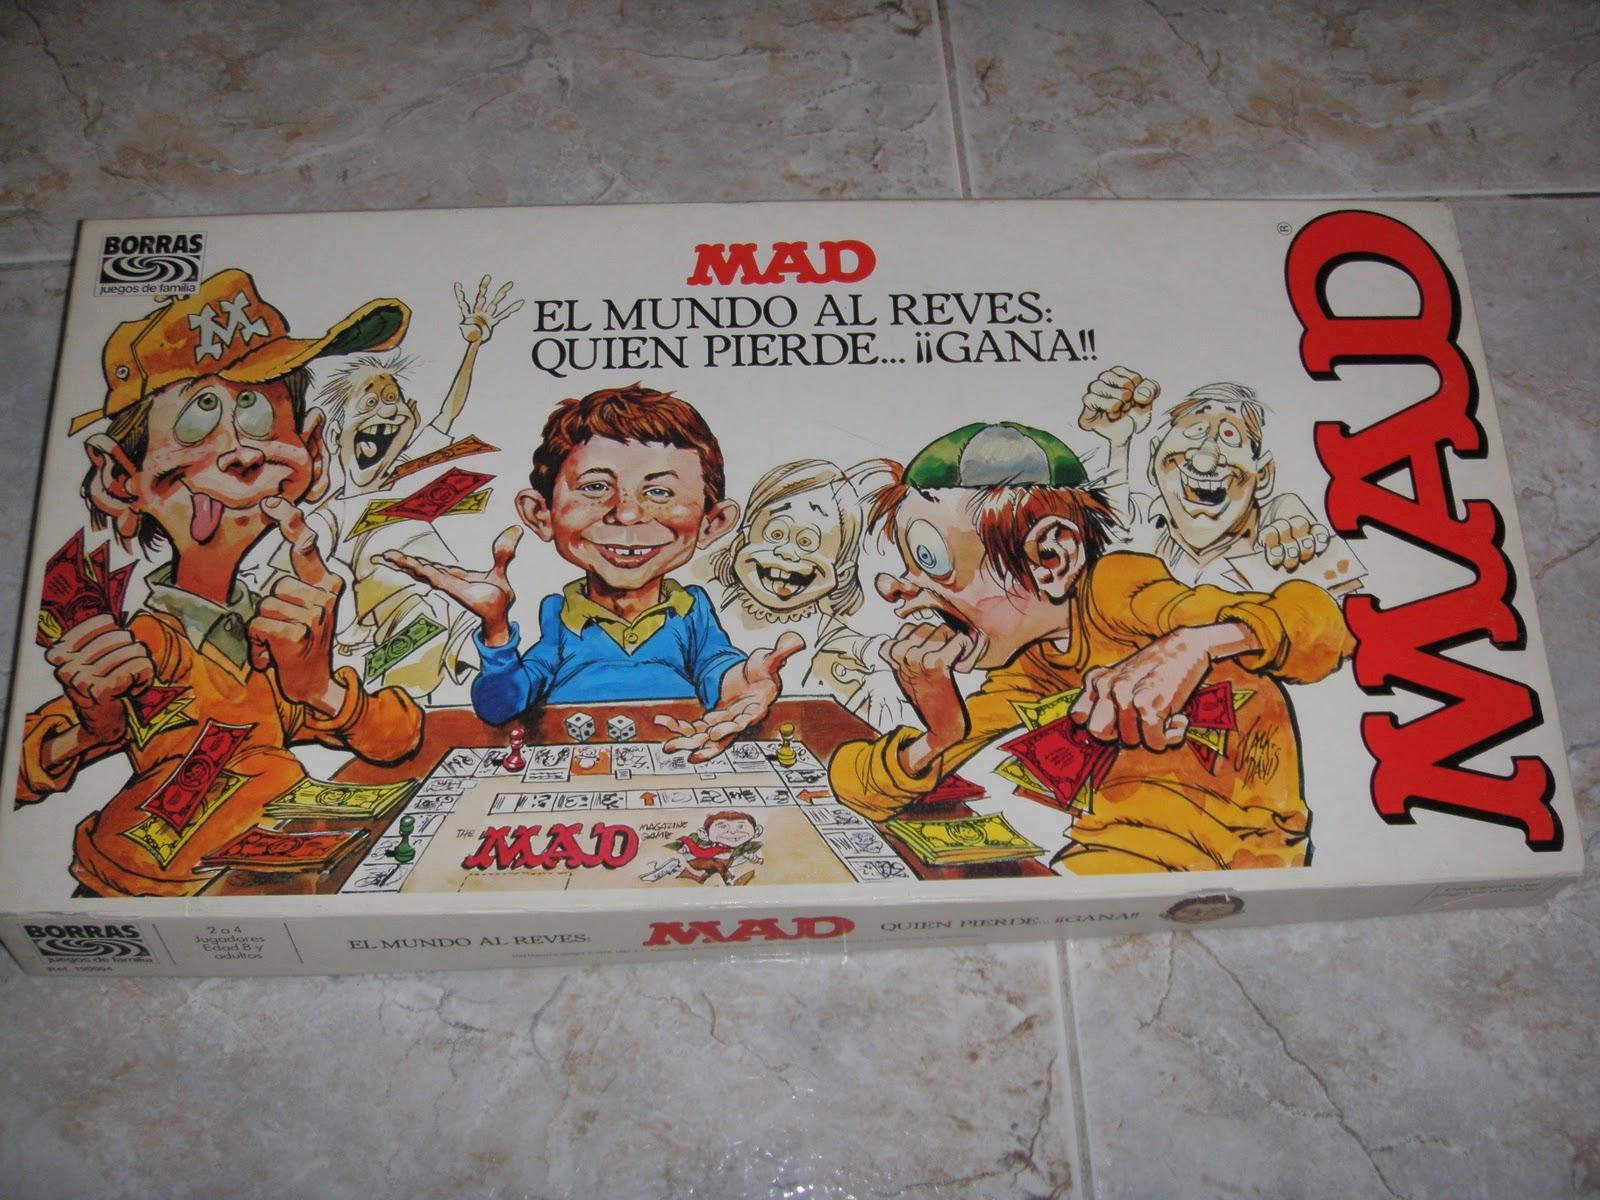 La Buhardilla De Pol Mad Juego De Mesa Borras Ano 1982